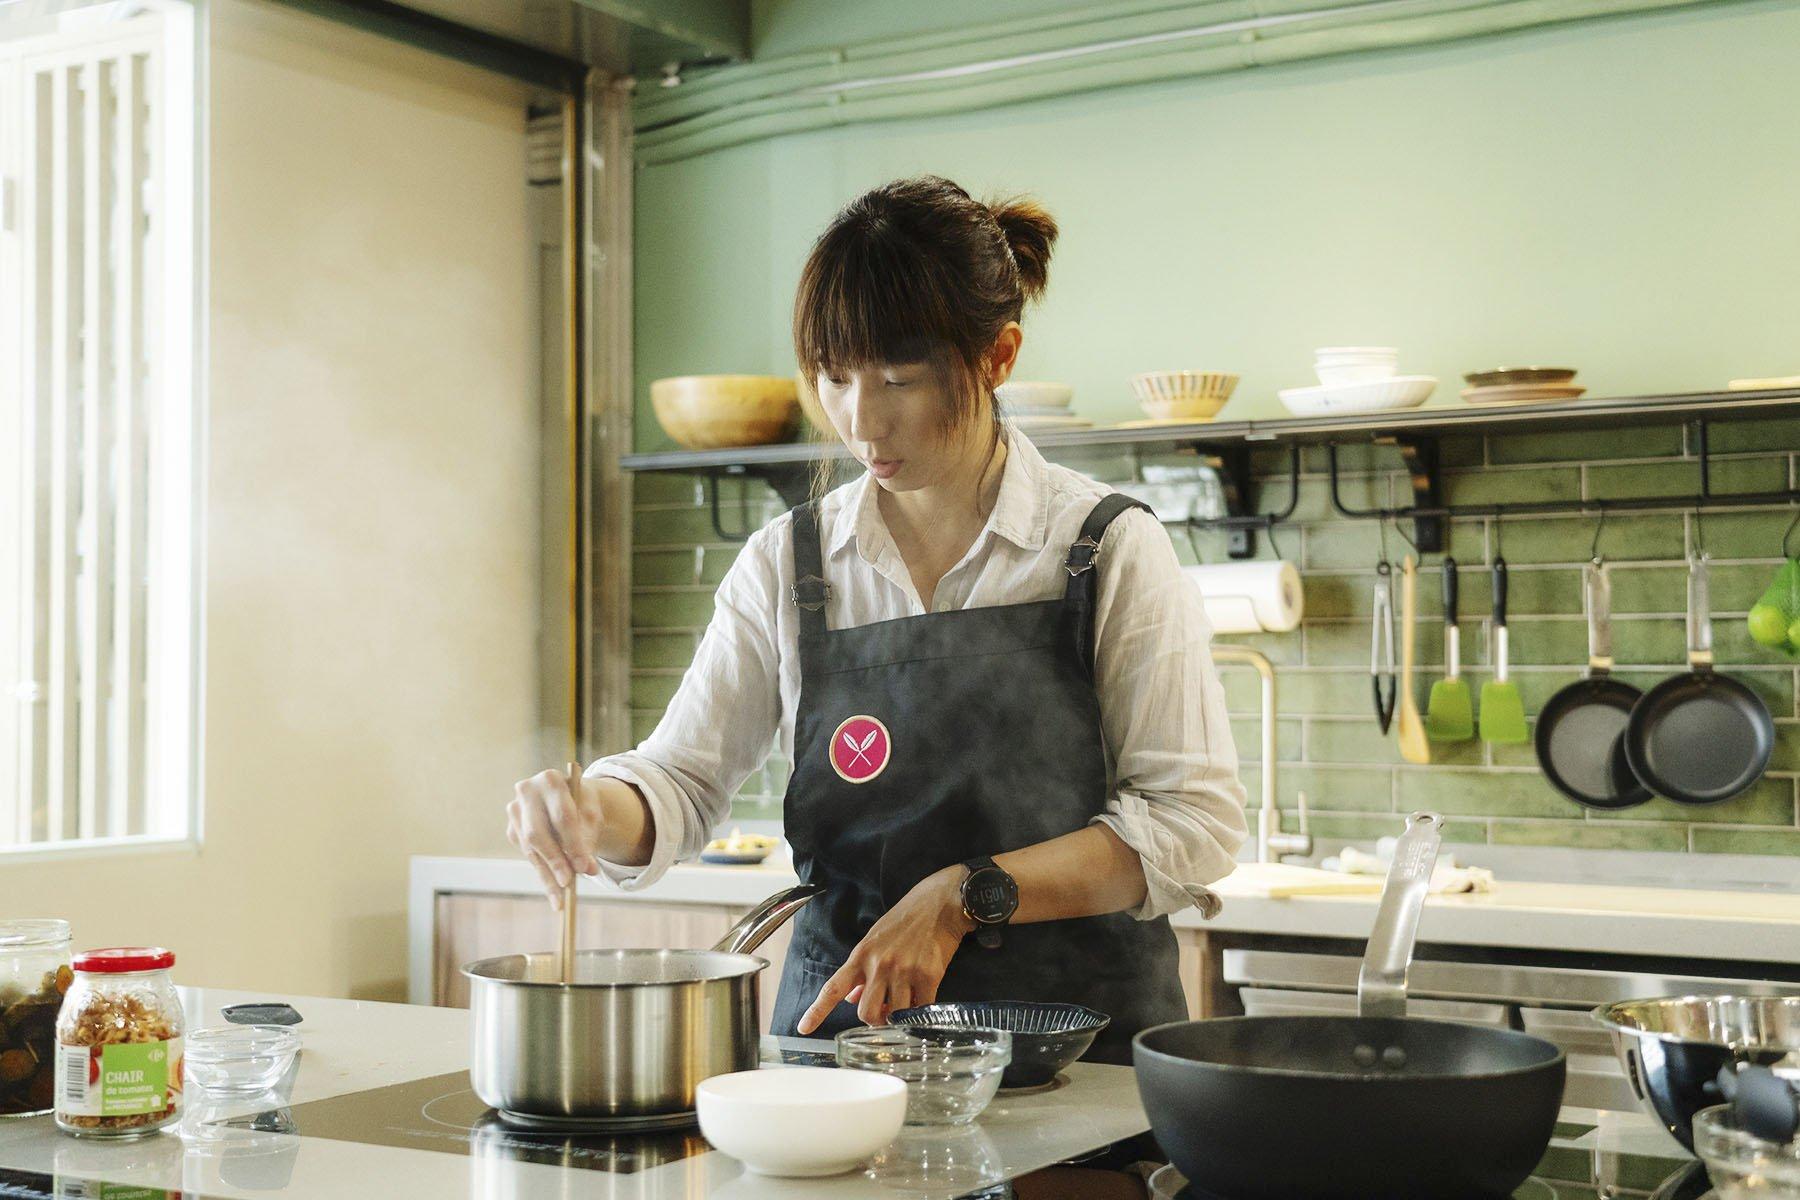 酸女孩:有一種簡單幸福,是吃著當季新鮮料理,滋養我們與愛的人